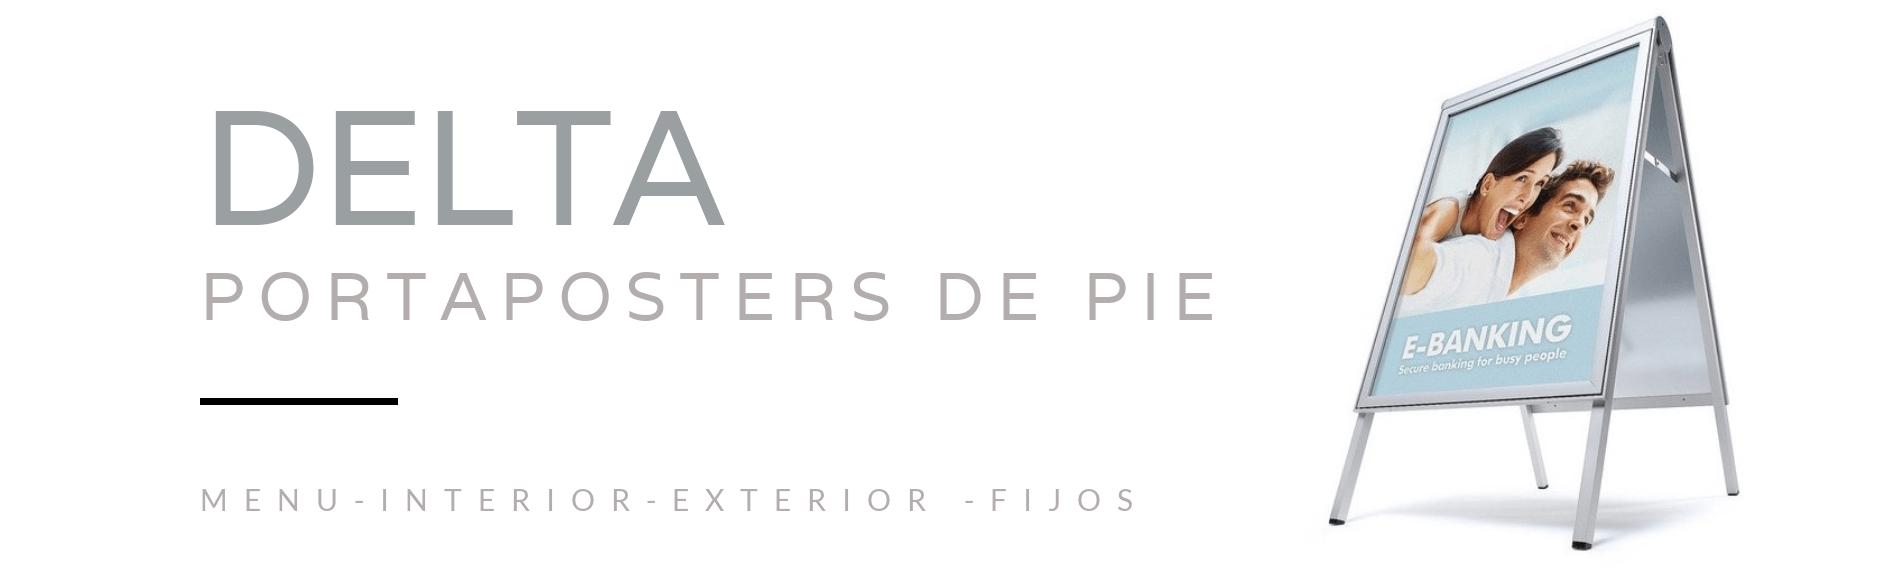 Portaposters delta de pie